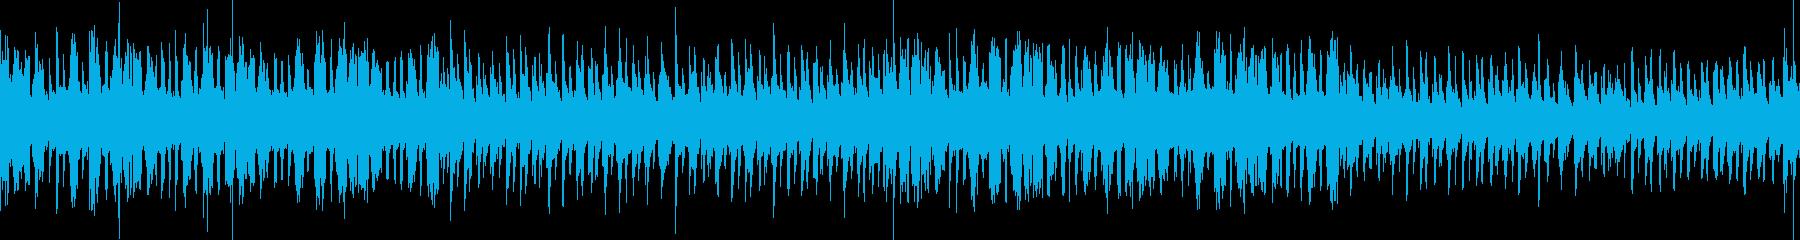 【ループ】酒場風ジャズのBGMの再生済みの波形